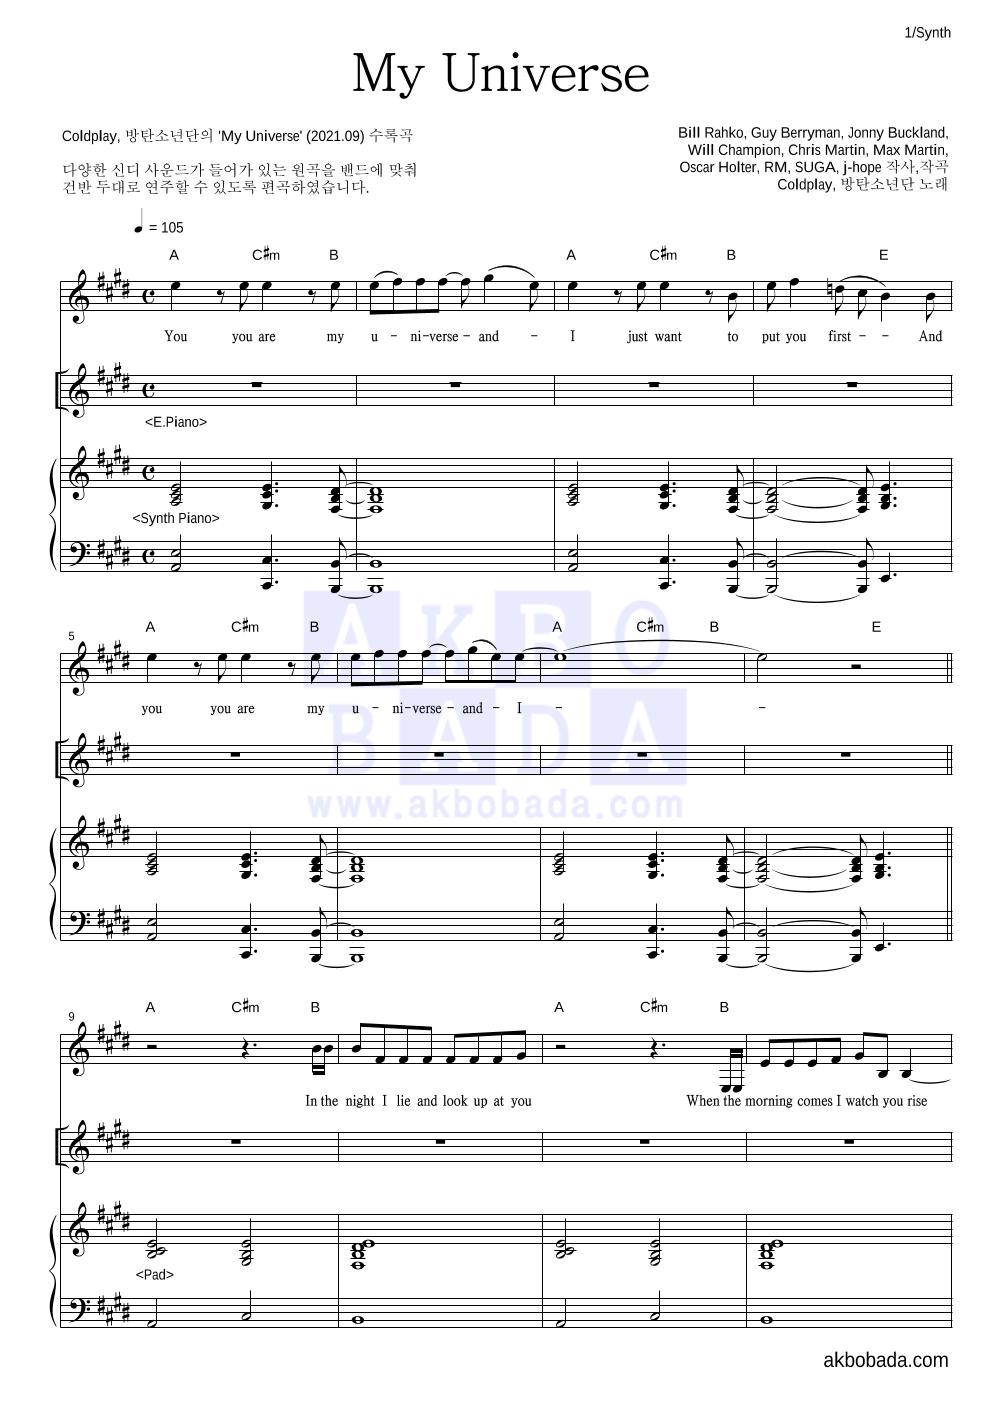 Coldplay,방탄소년단 - My Universe 건반 악보